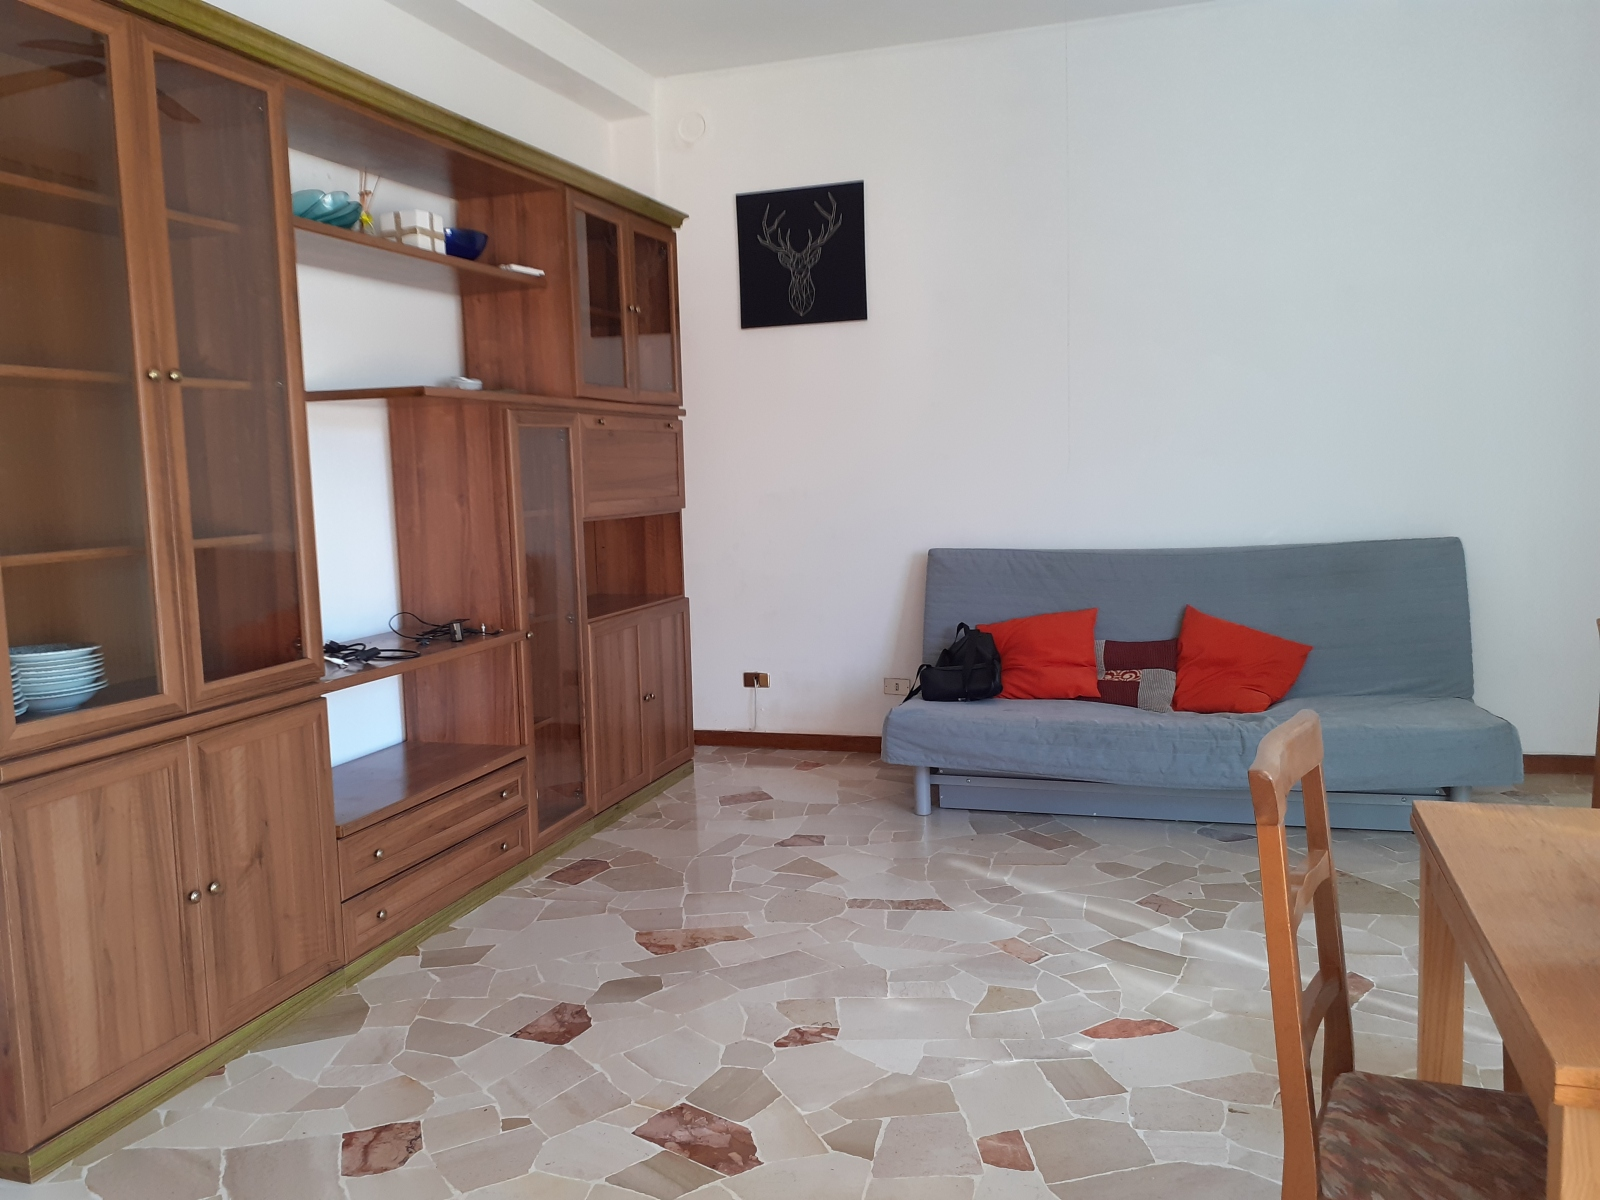 appartamento-in-vendita-a-cornaredo-milano-3-locali-trilocale-spaziourbano-immobiliare-vende-13